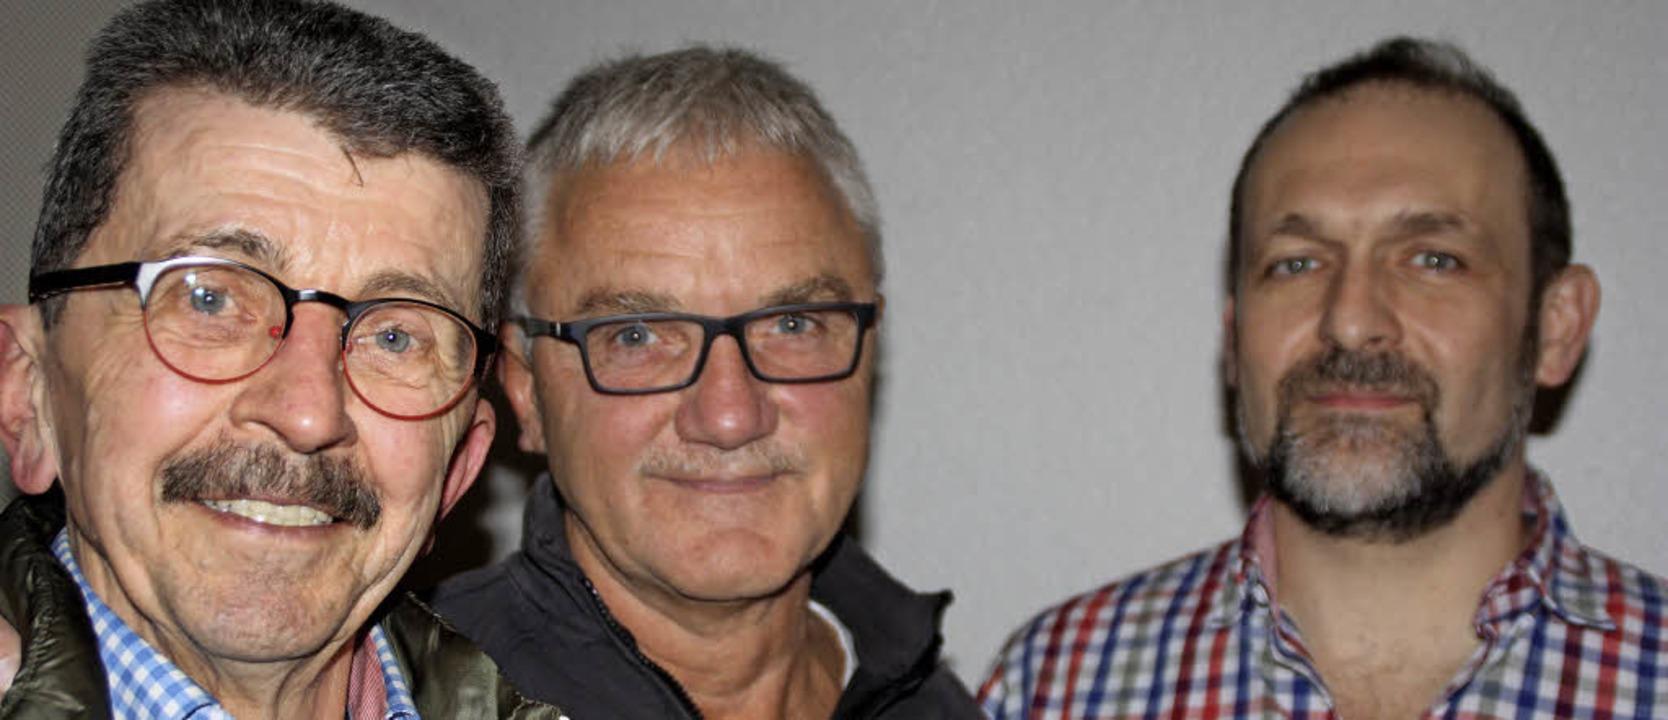 Die Neuen im Vorstandsteam der Radlerf...eite Vorsitzende Andreas Kohlbrenner.   | Foto: Gerd Leutenecker